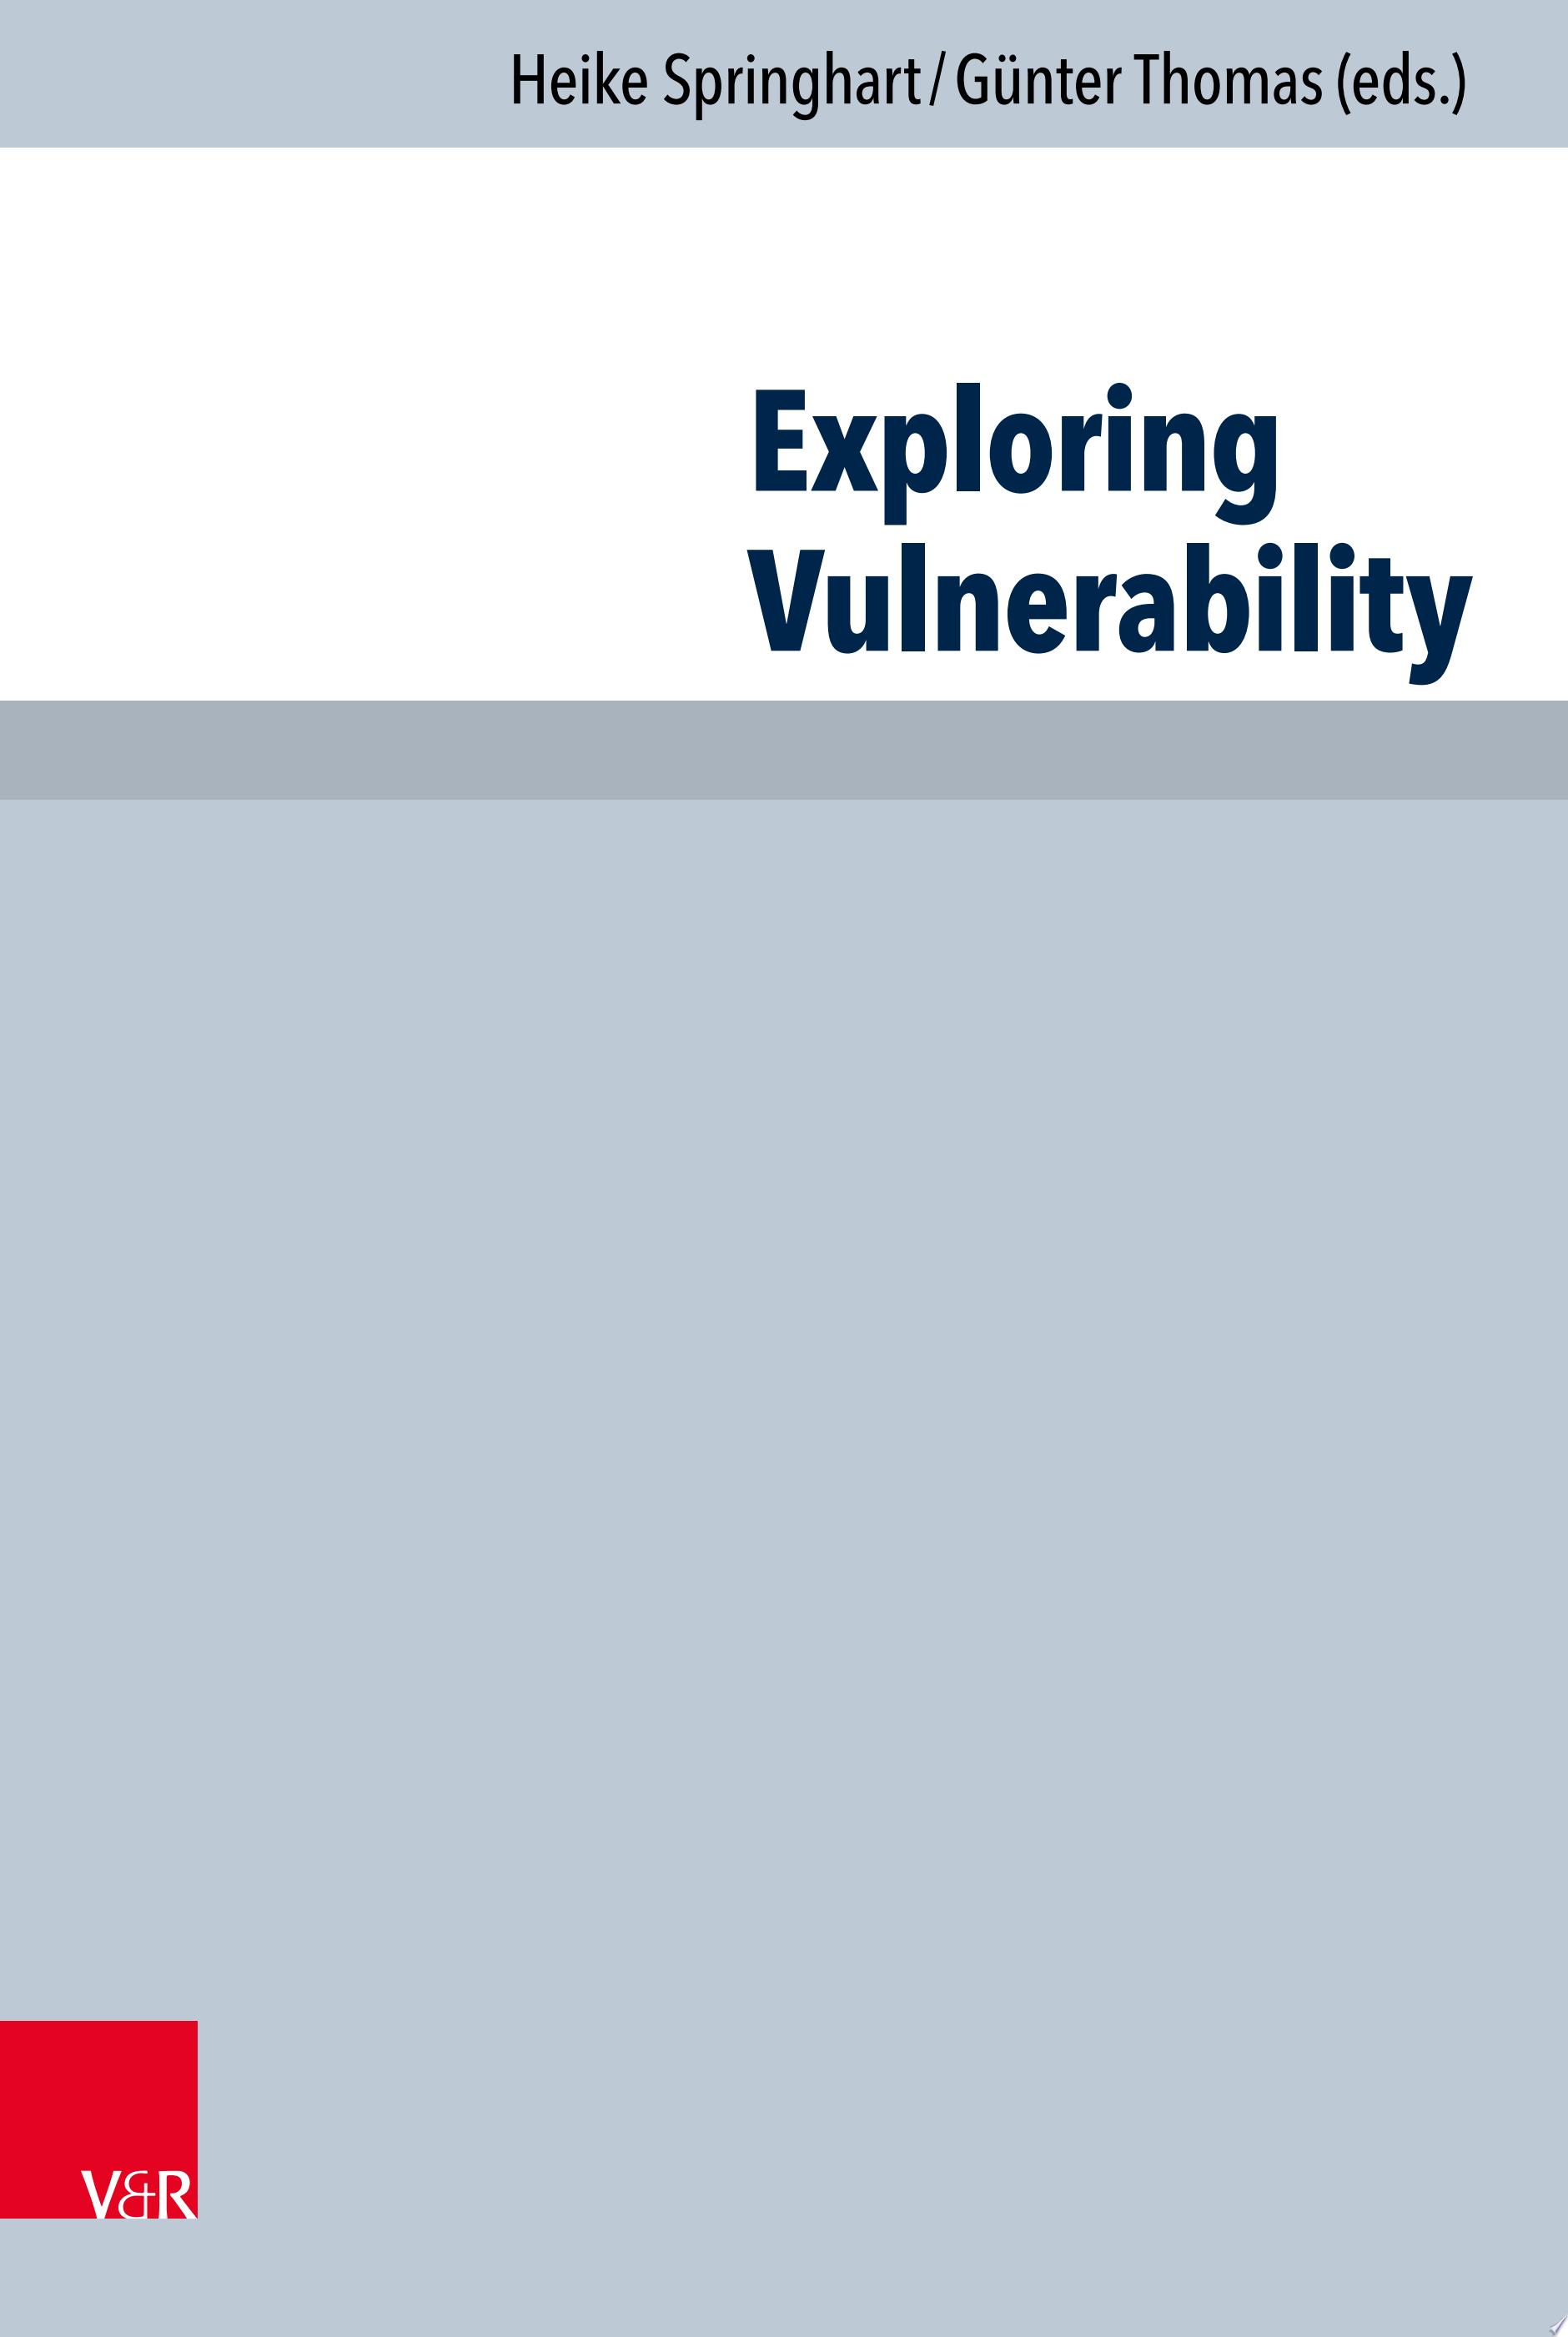 Exploring Vulnerability